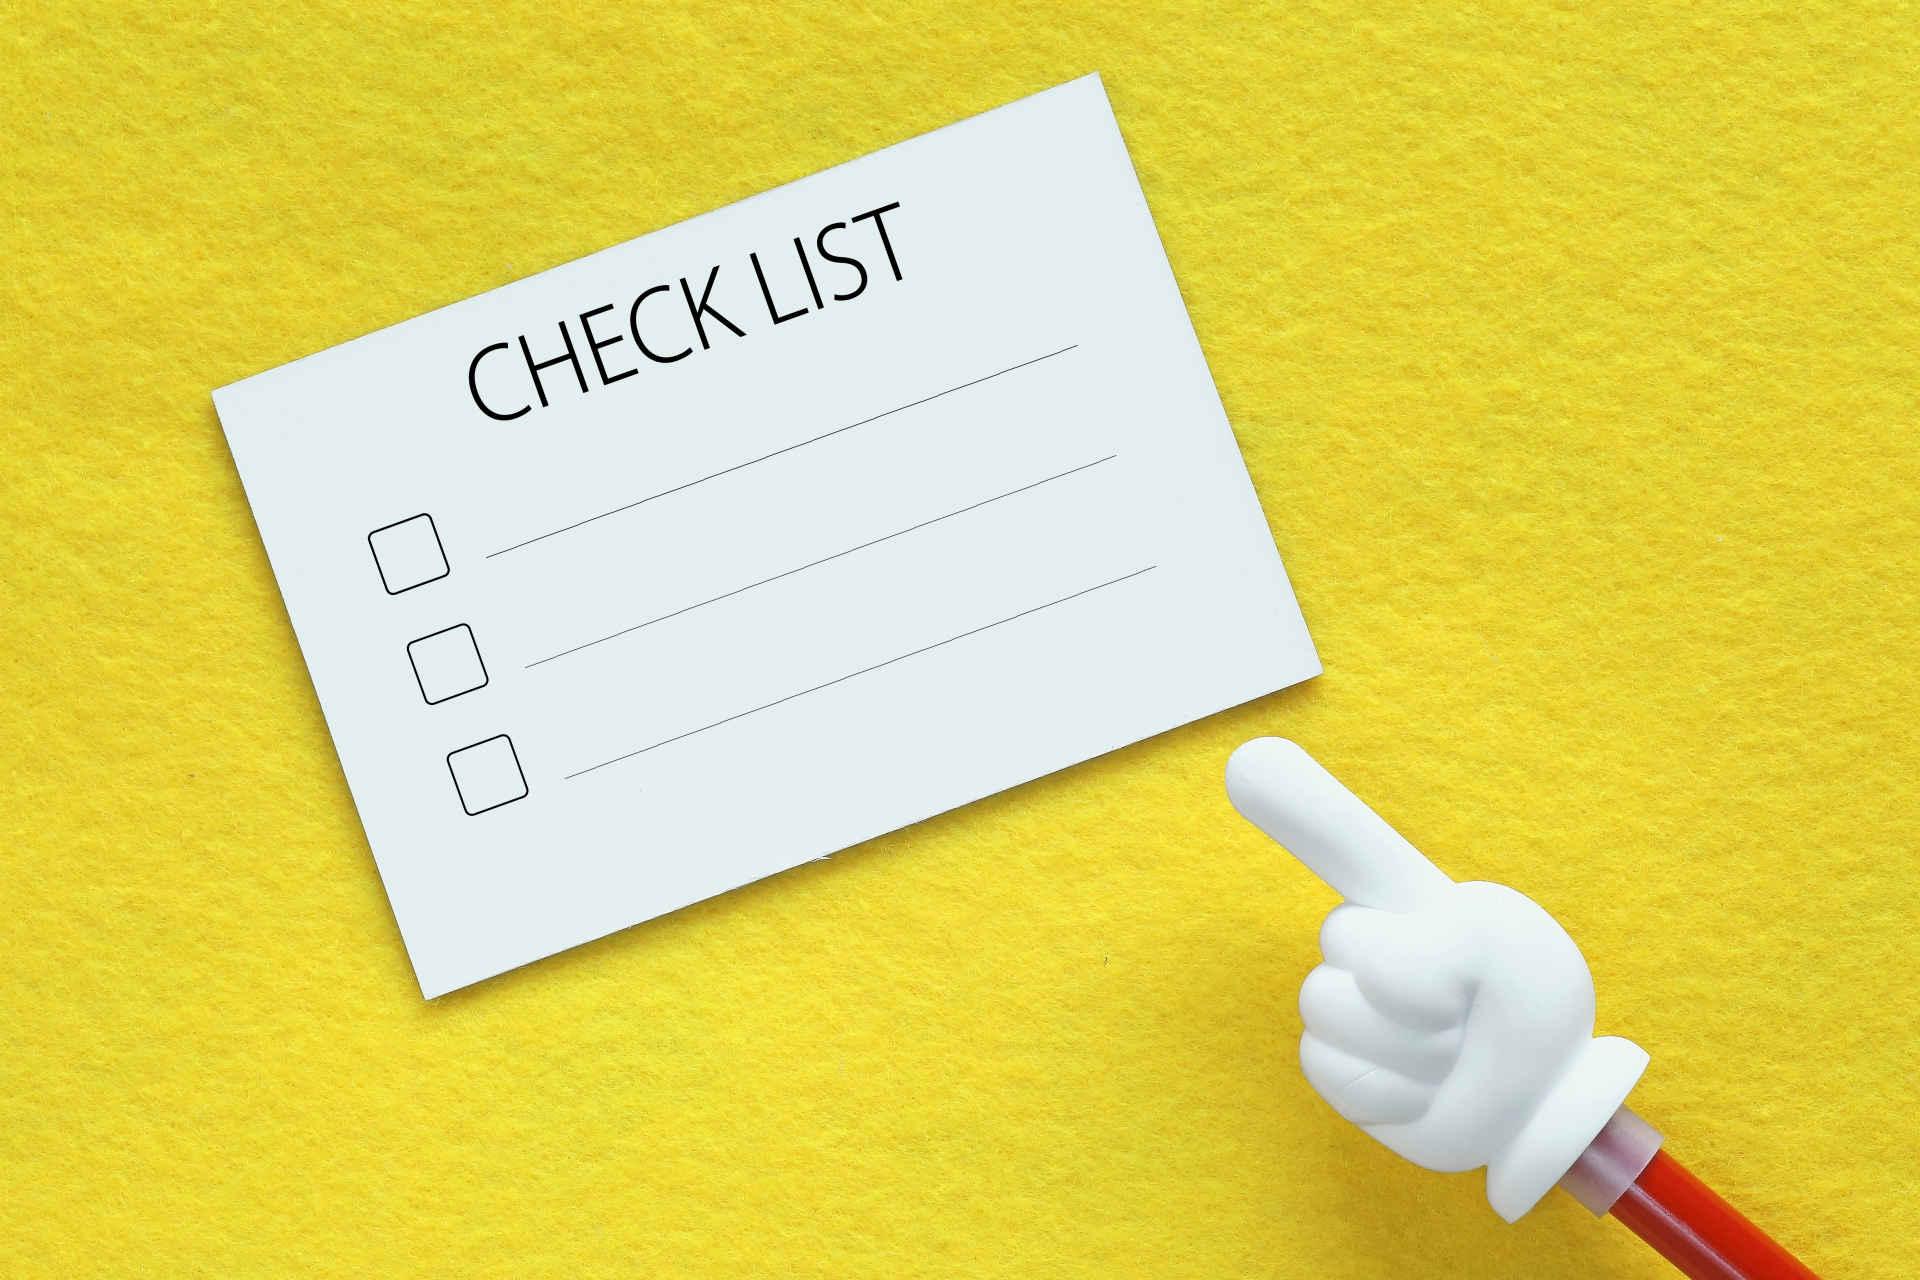 黄色の台紙の上に置かれたチェックリストの画像